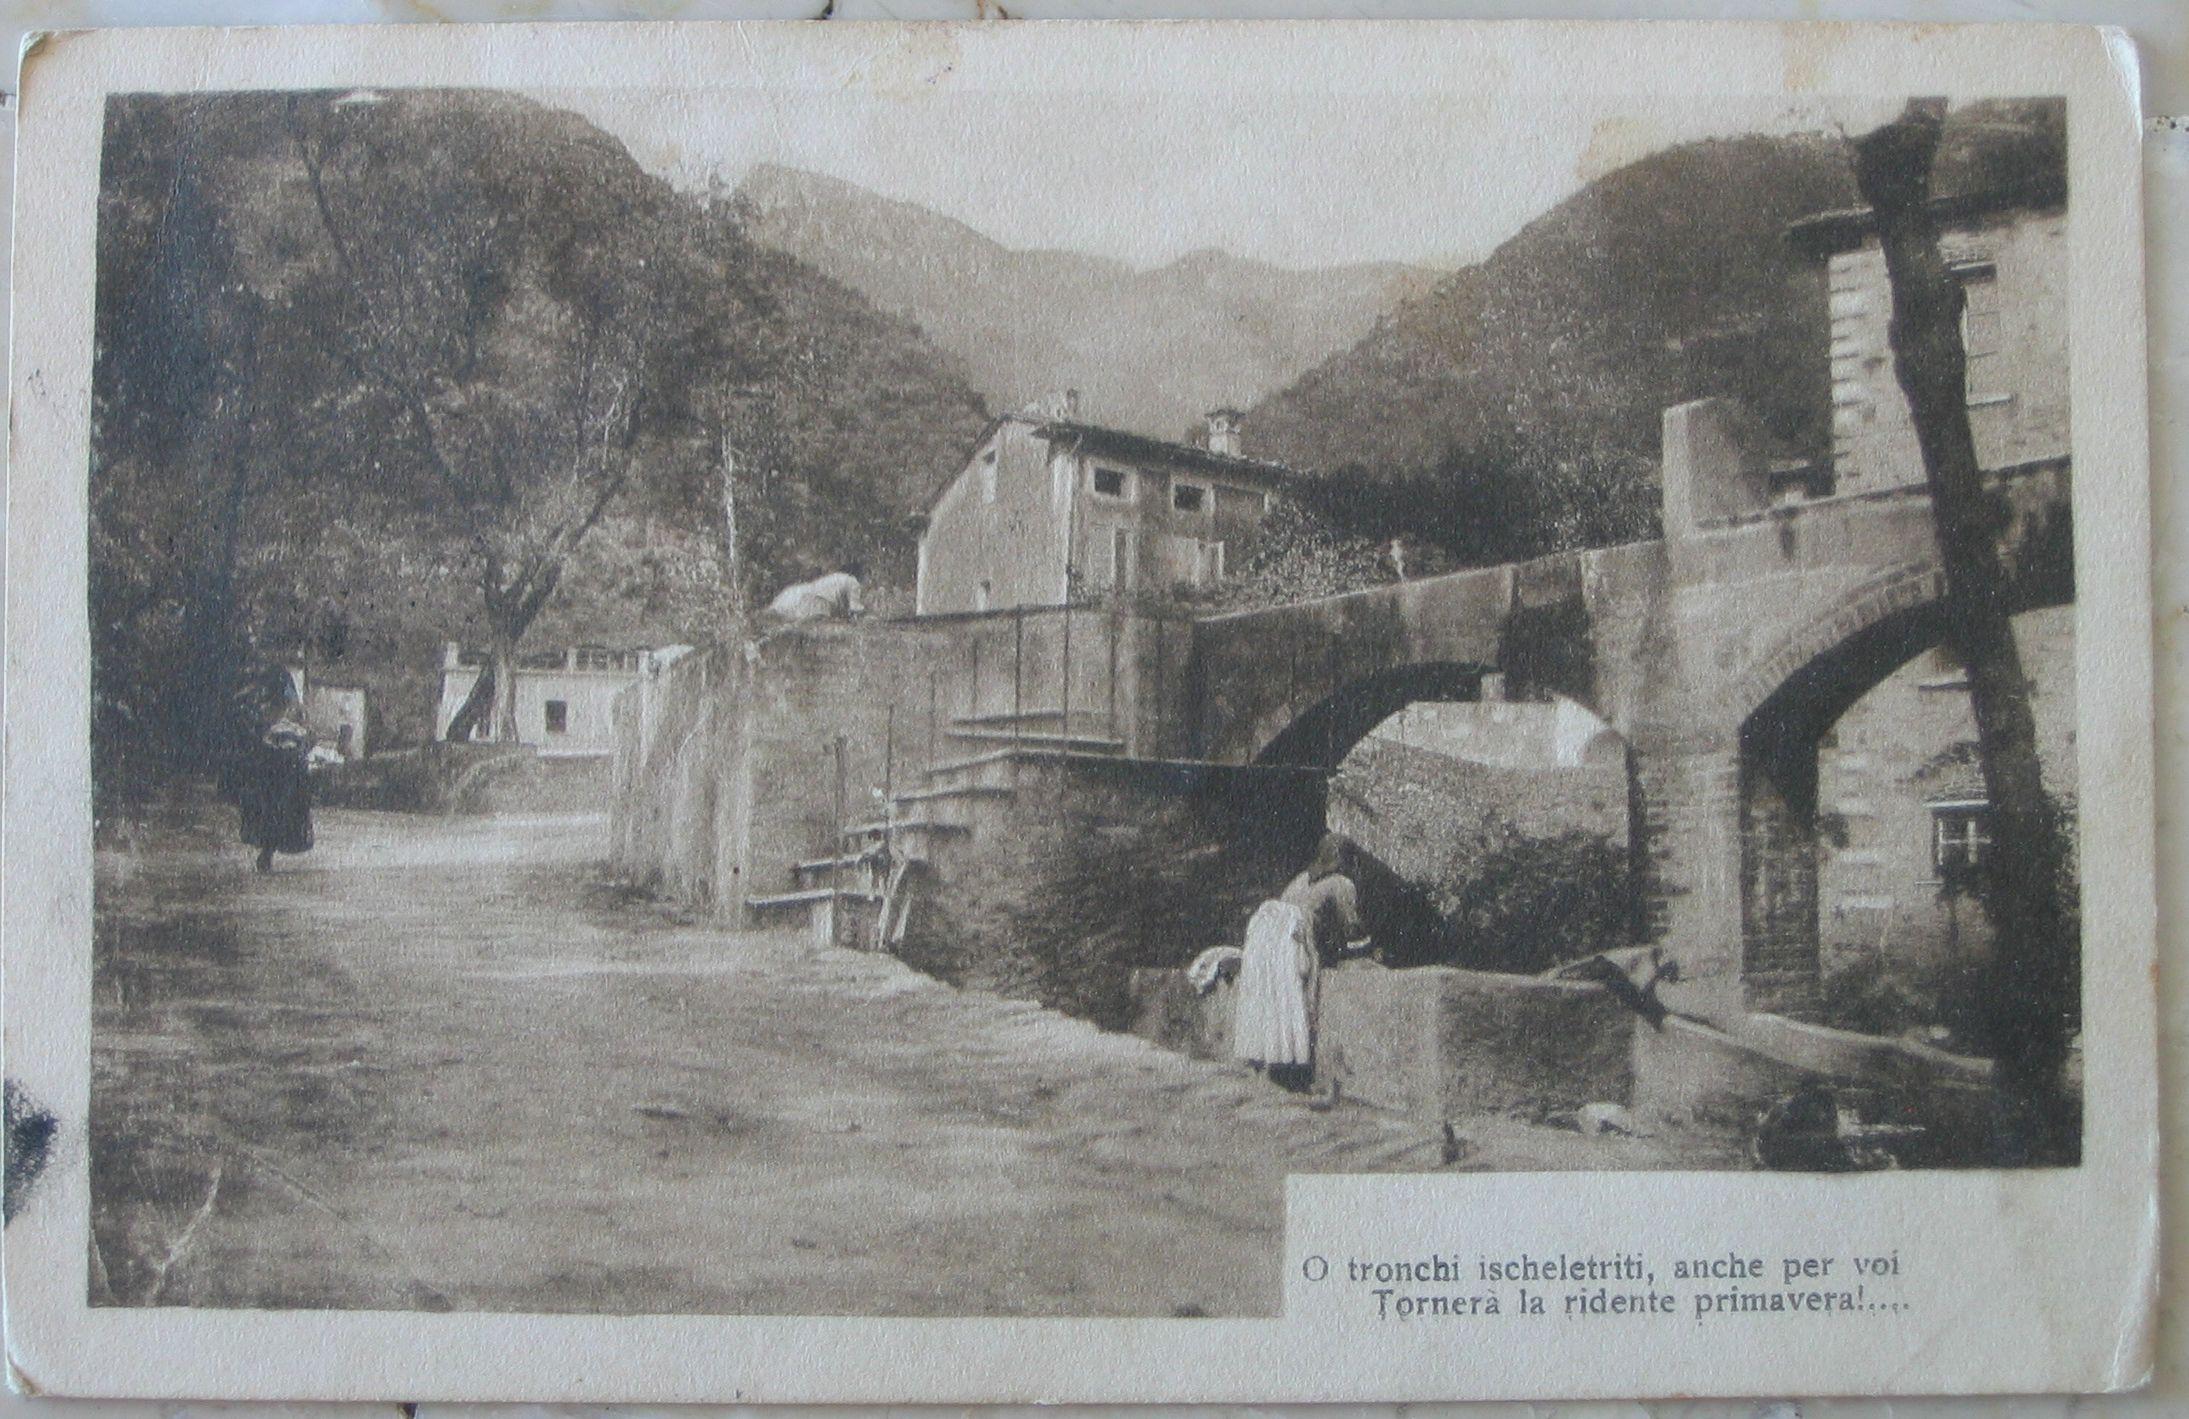 1919 Paesaggio con poesia O tronchi ischeletriti, anche per voi Tornerà la ridente primavera'... N°034 cartolina con francobollo Italia uno da 10 e uno 5 centesimi